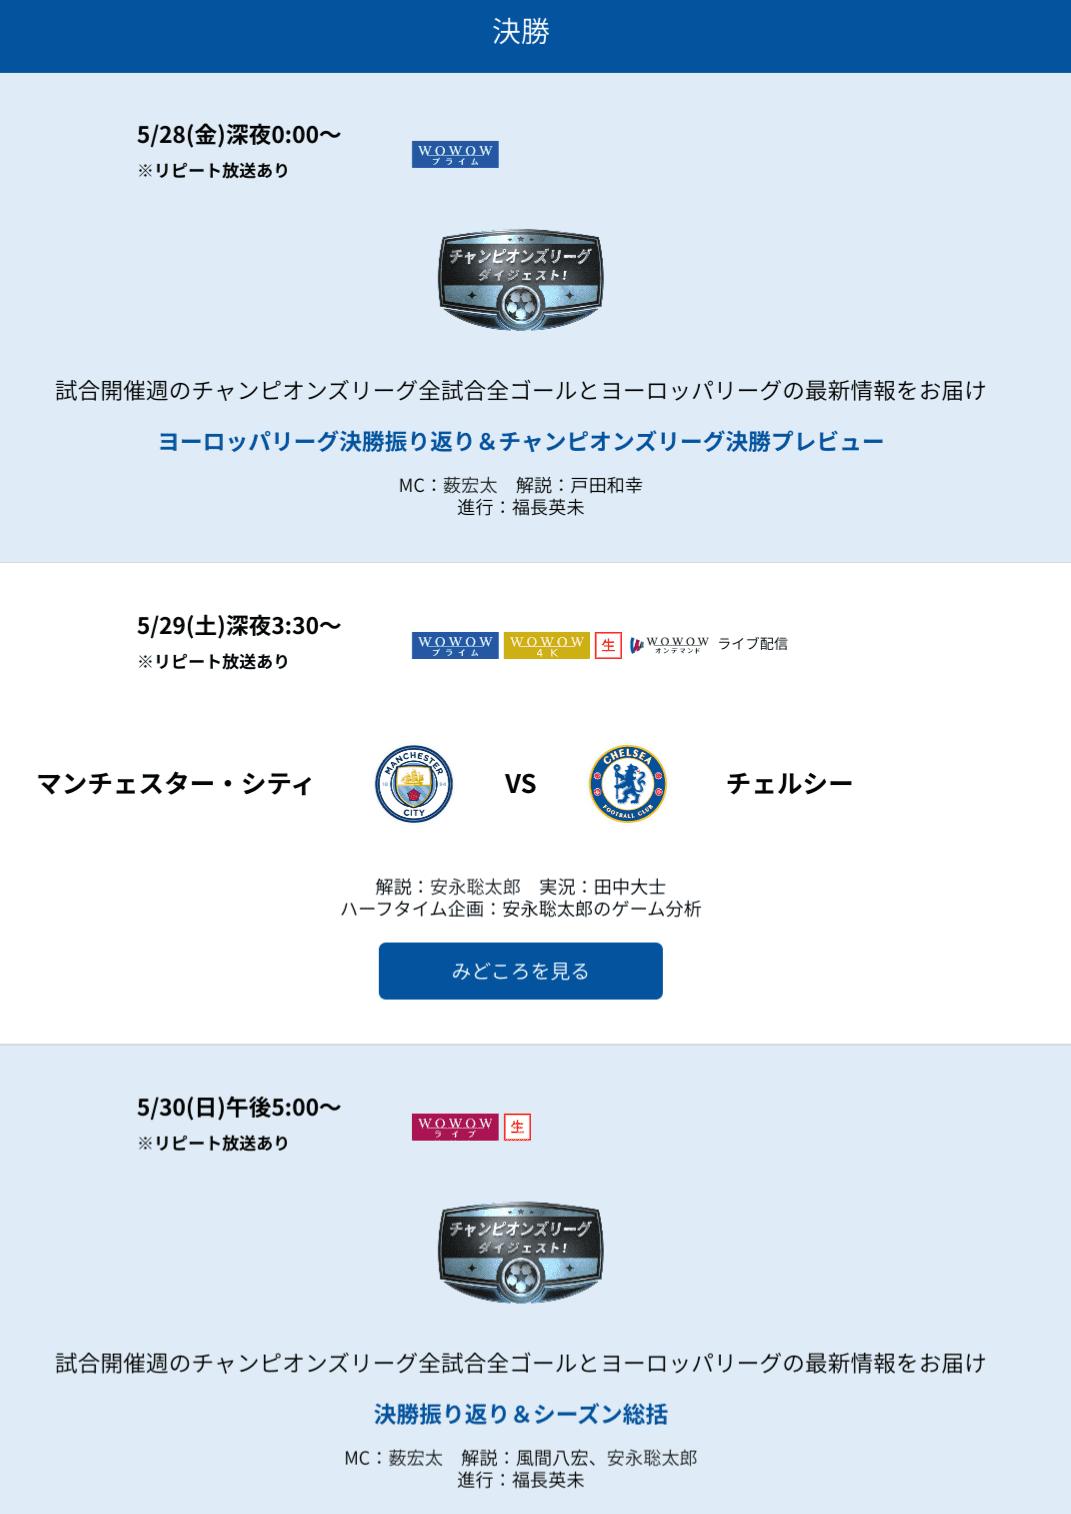 UEFAチャンピオンズリーグ2020_2021WOWOW放送予定